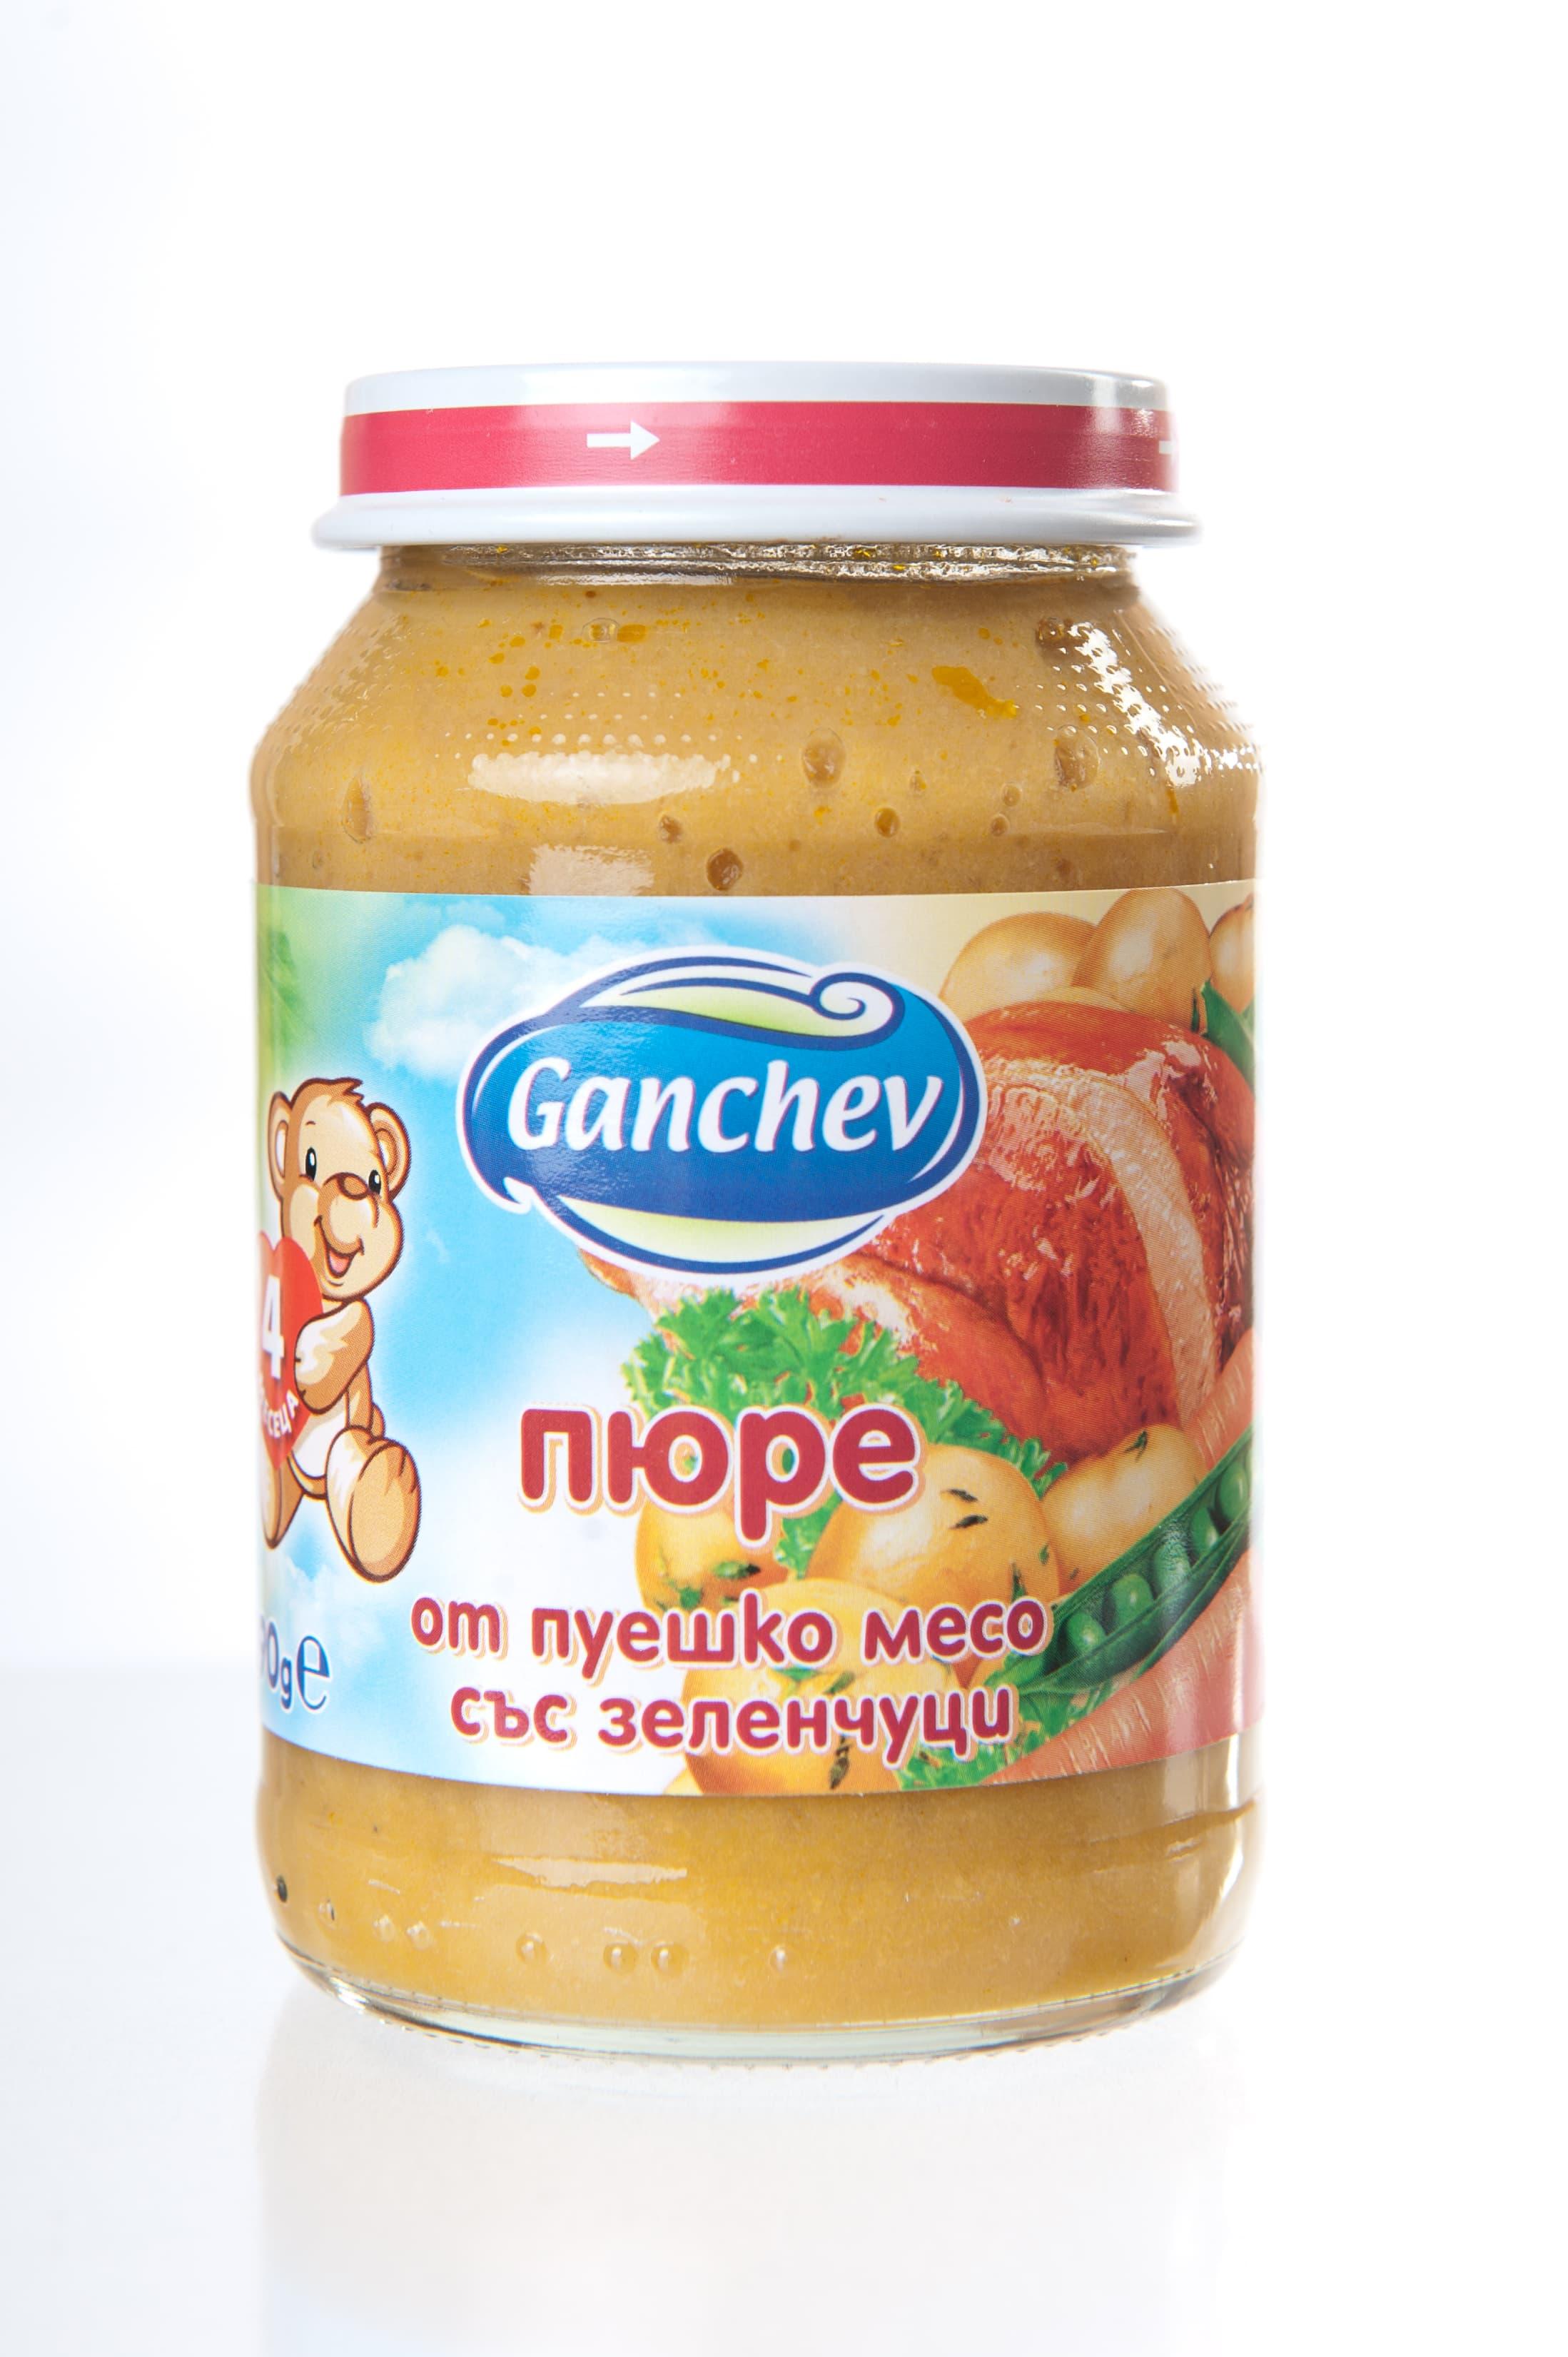 Ganchev-пюре от пуешко месо със зеленчуци 4м+ 190гр